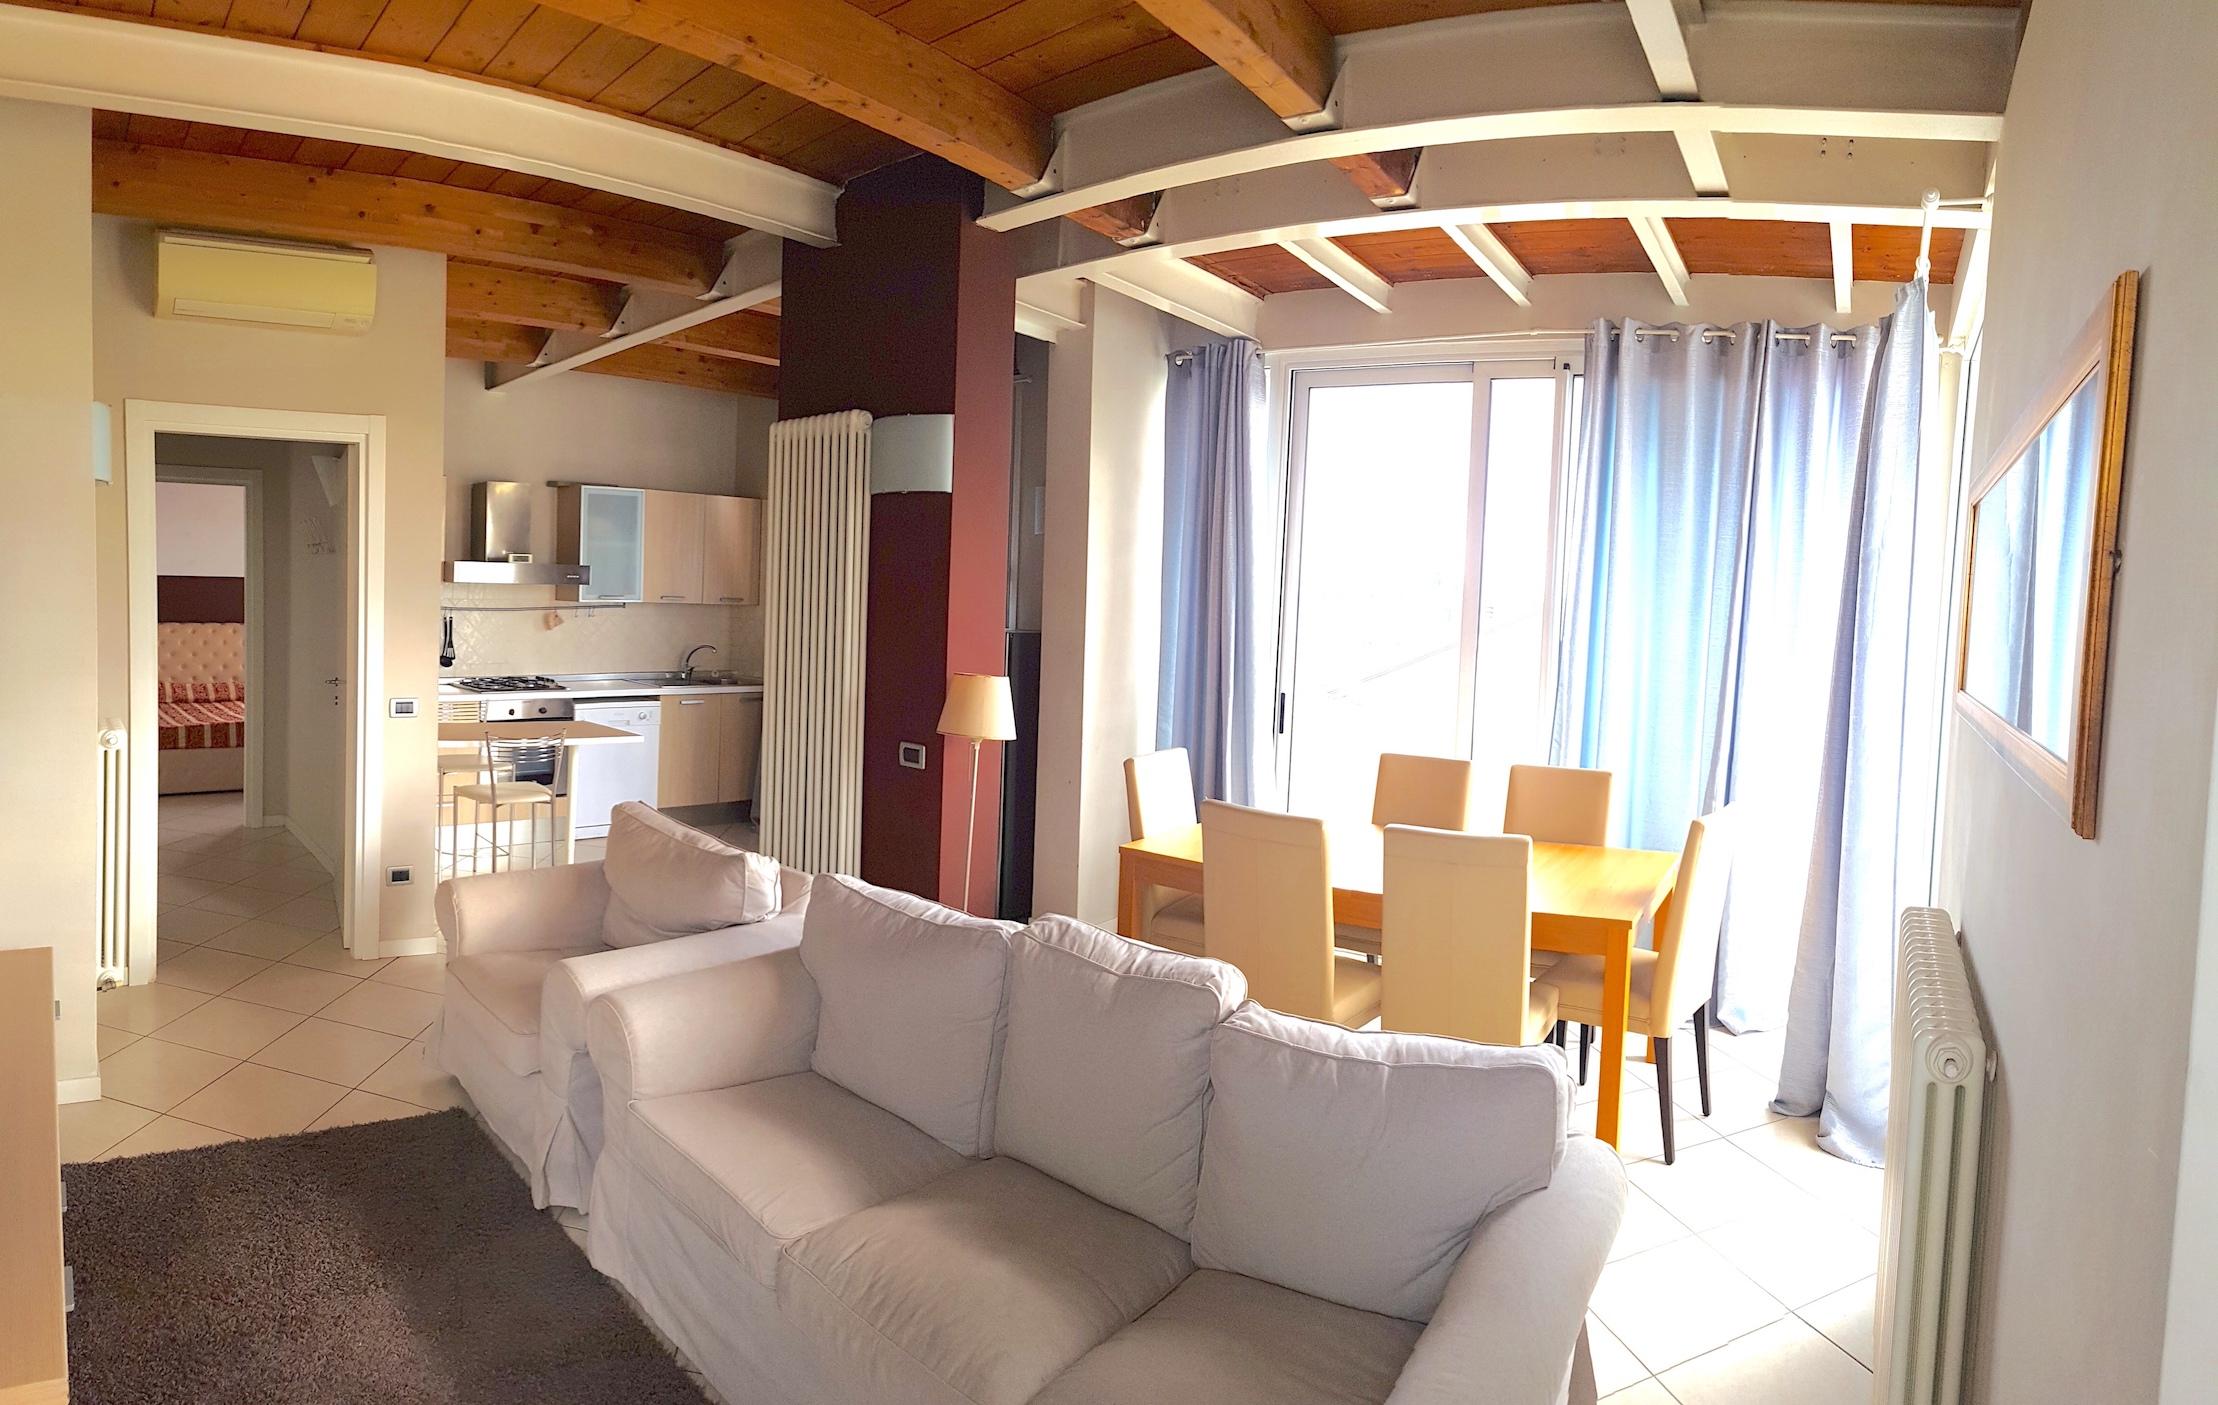 RICCIONE FONTANELLE, Attico 3 locali con vista mare in vendita